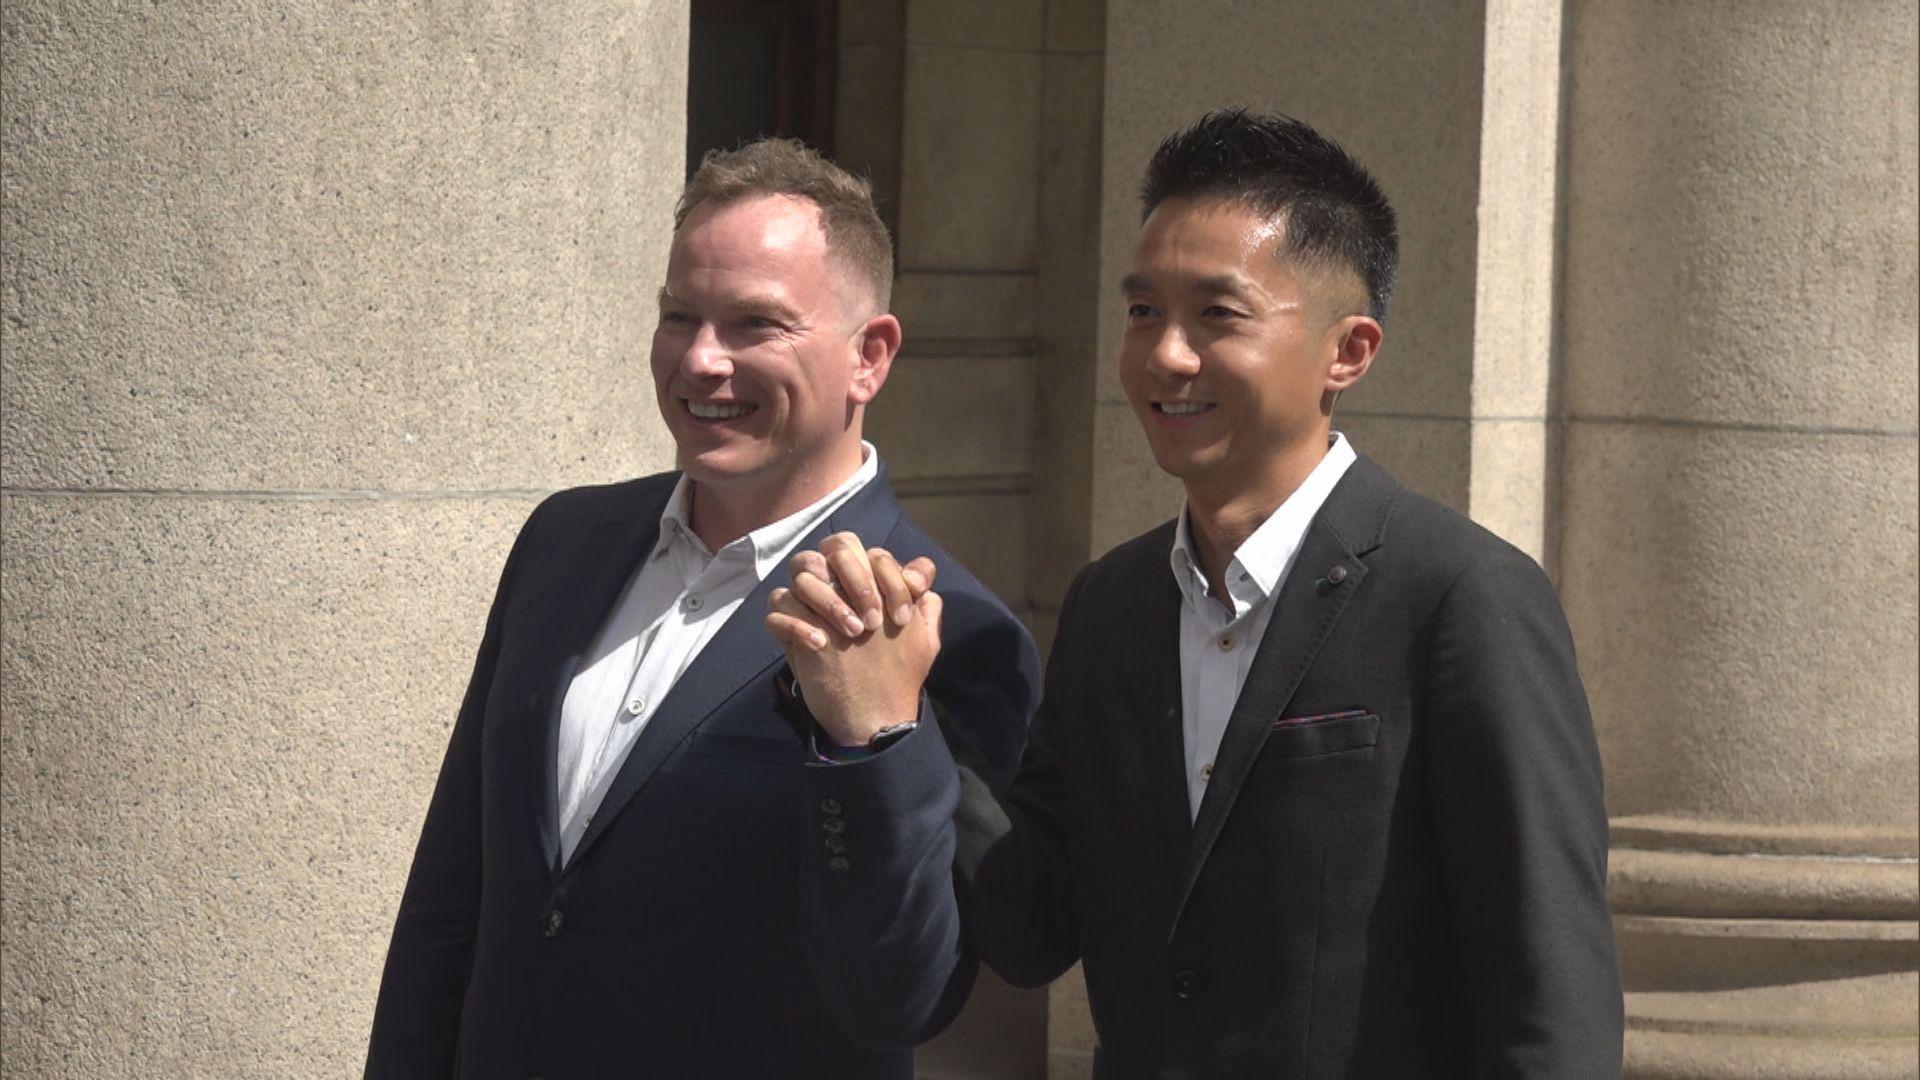 【即日焦點】同性伴侶享公務員福利終極勝訴 法律學者:私人企業要跟隨;全球新聞自由報告批中國「輸出」壓制傳媒手段